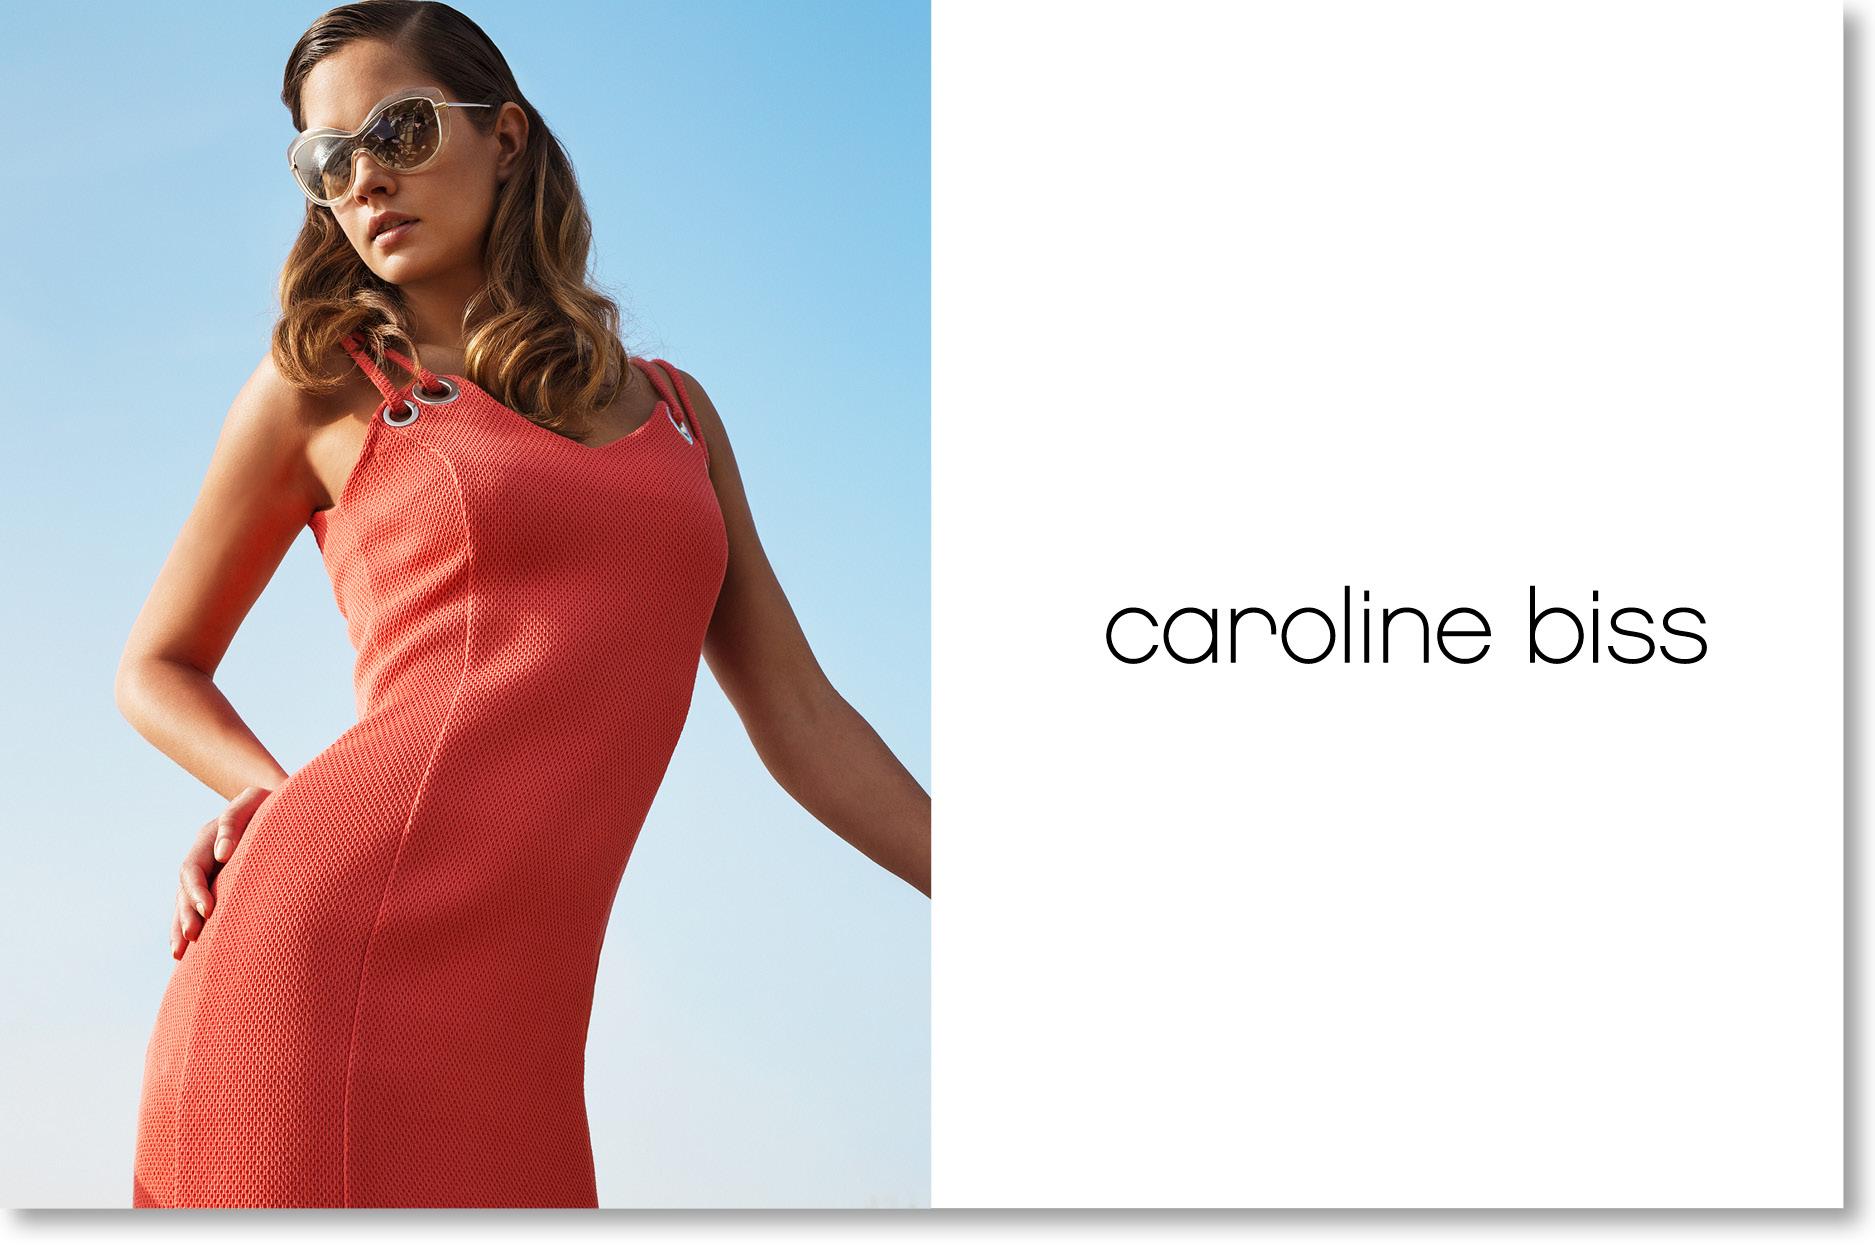 caroline_biss_summer_imageboulevard6